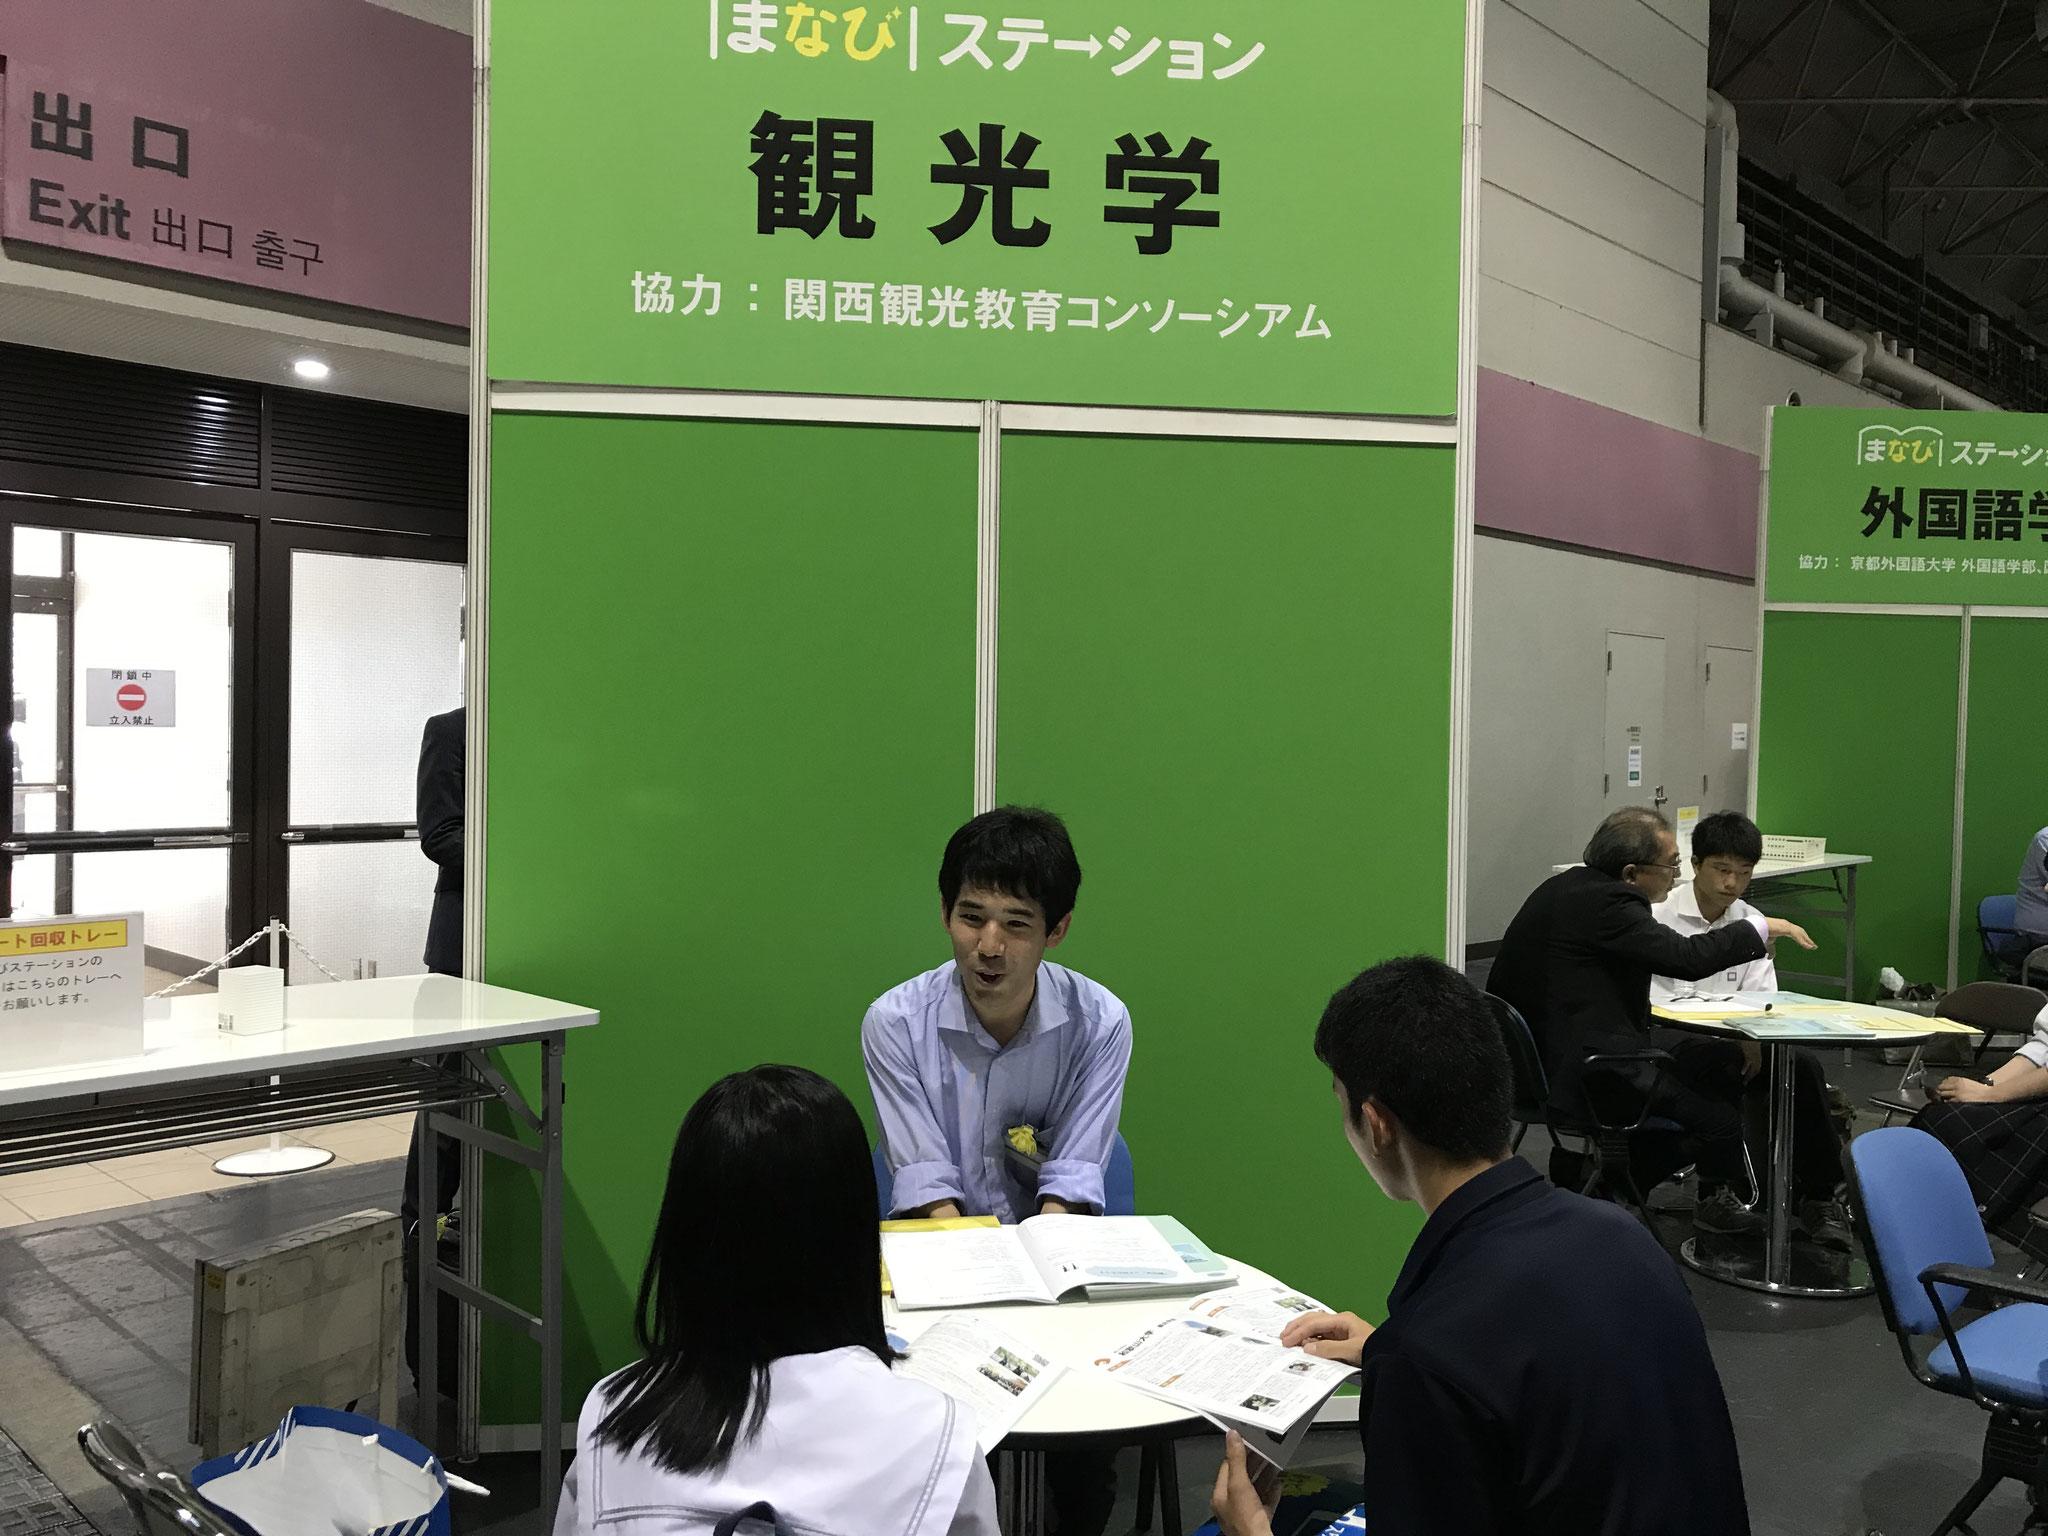 和歌山大学 藤井先生